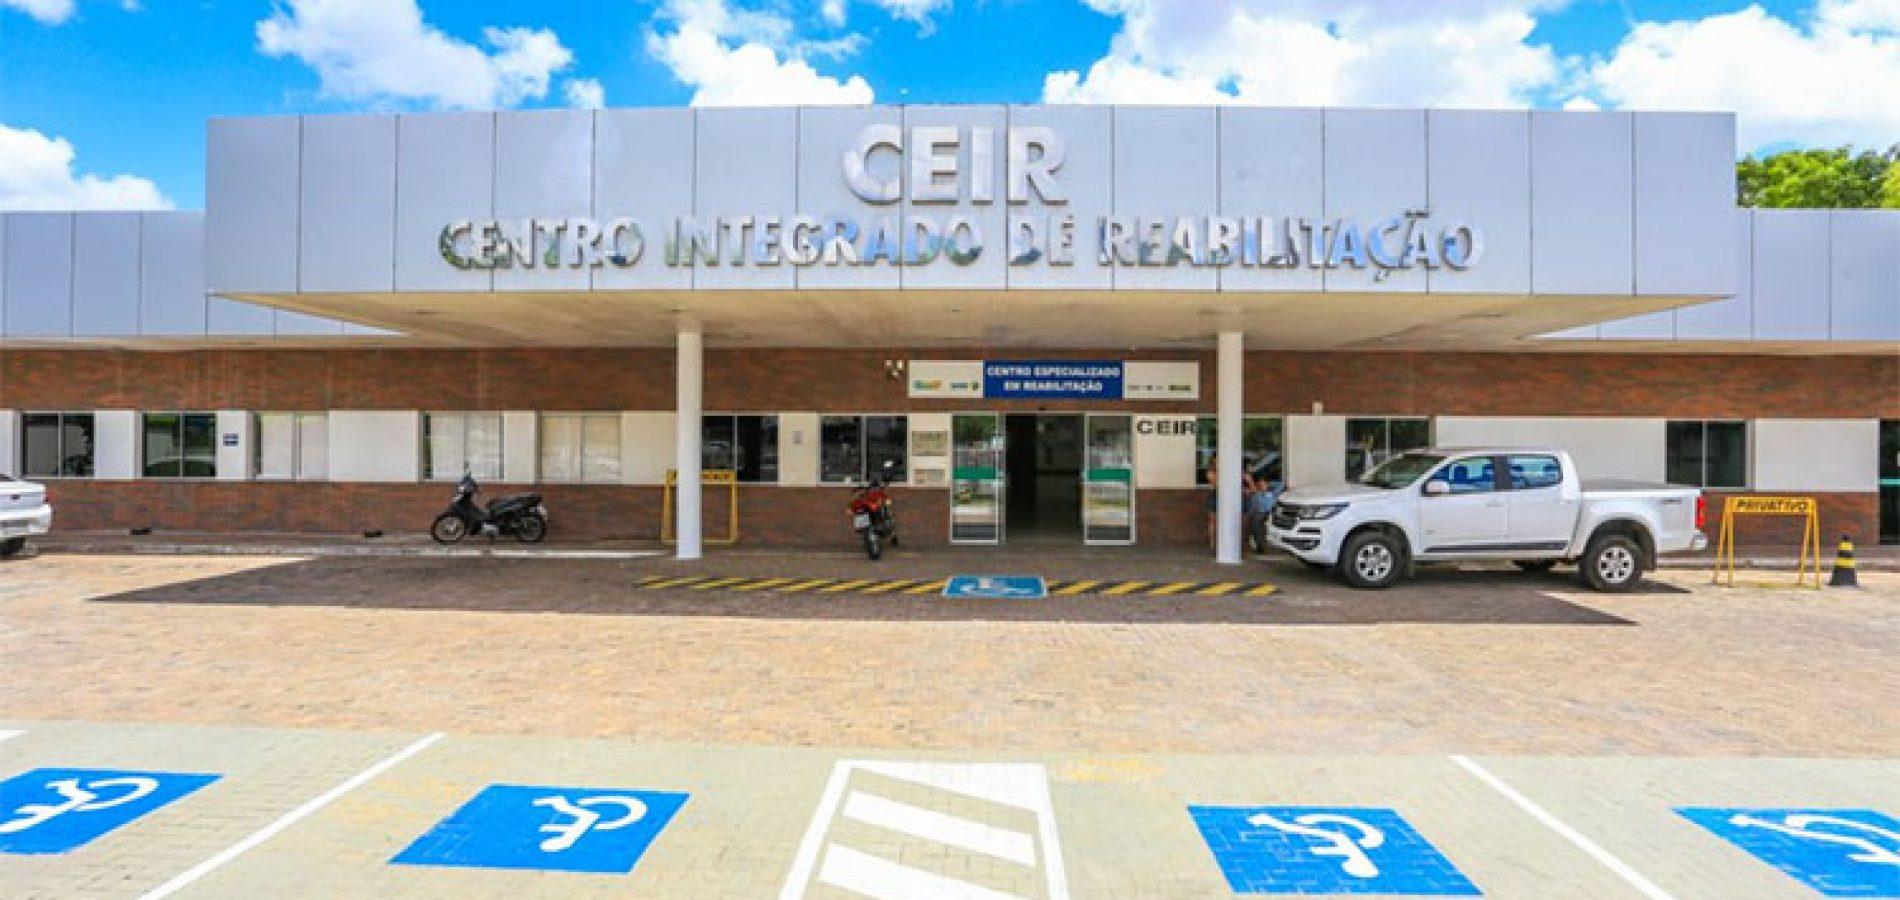 Sai edital de seletivo para profissionais na área da Saúde; salário R$ 2.234